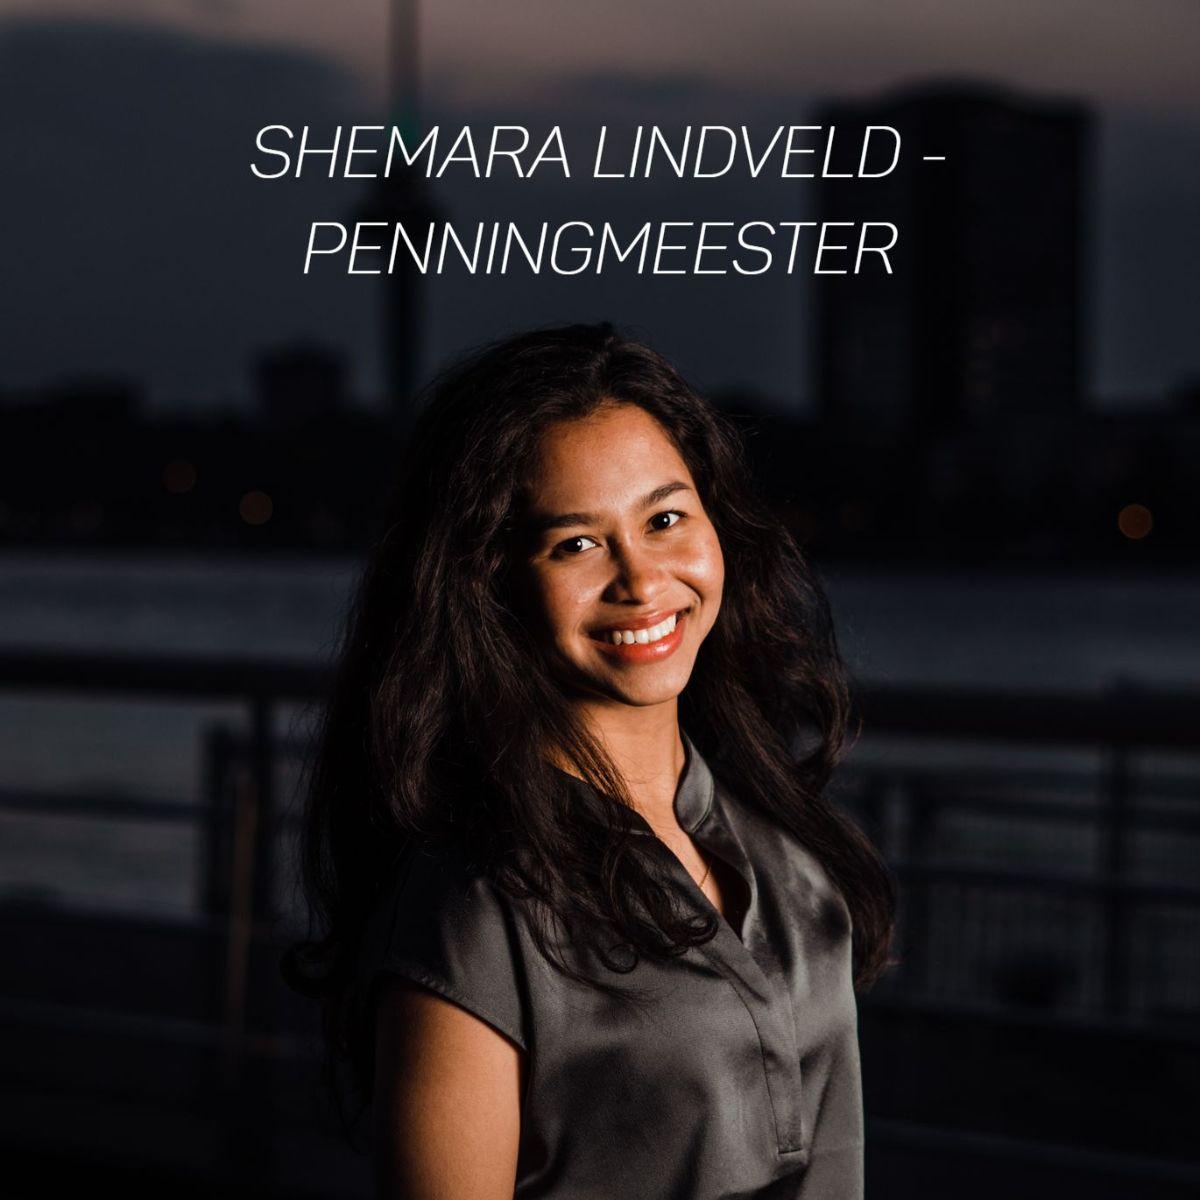 Shemara Lindveld